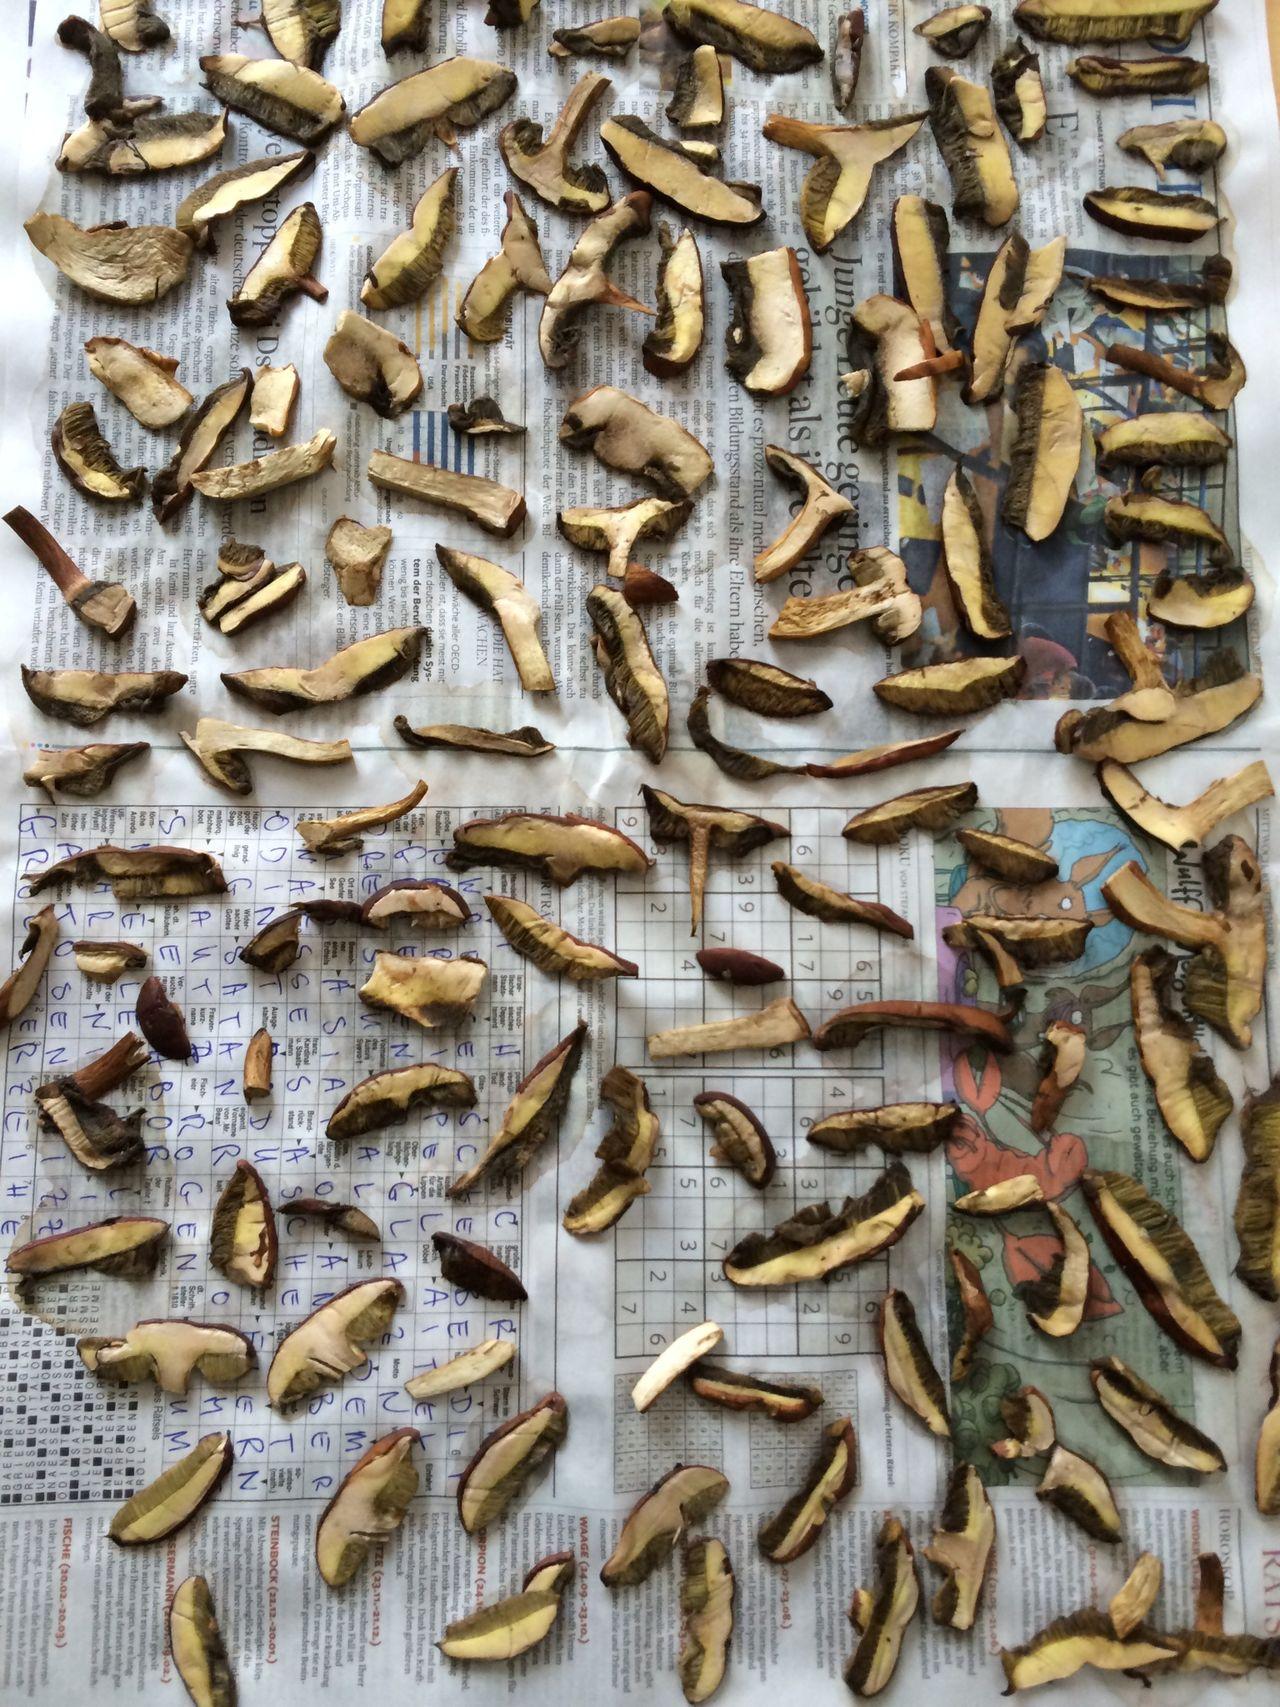 drying Mushrooms at home